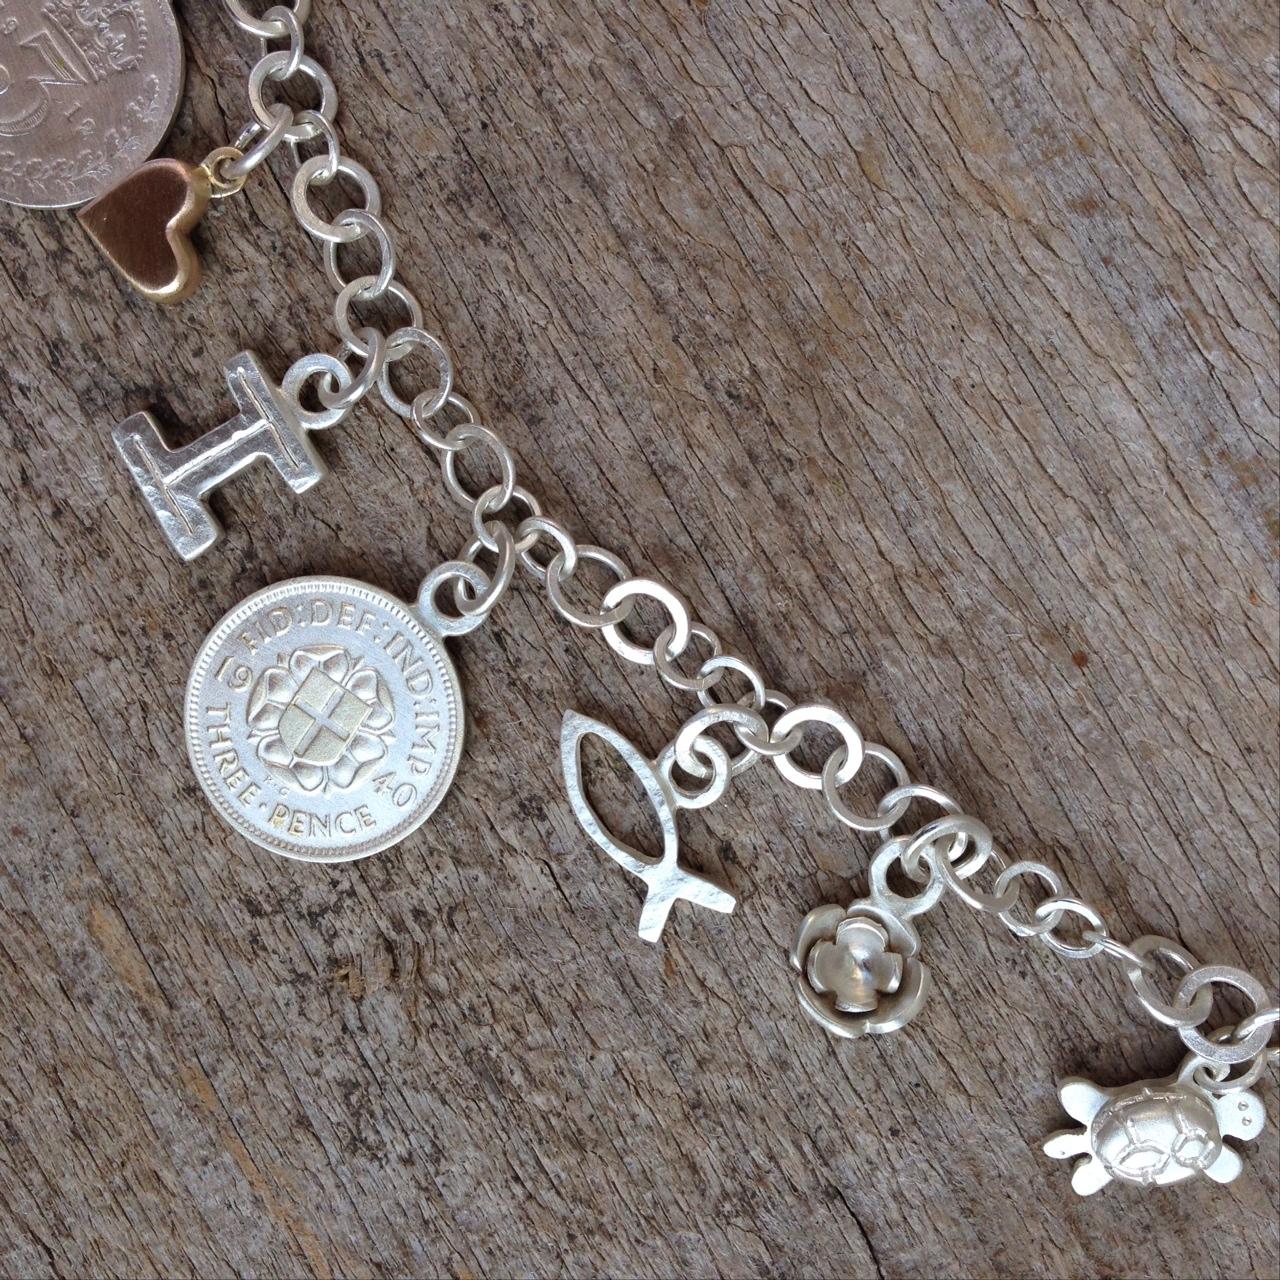 3 pence charm bracelet.JPG